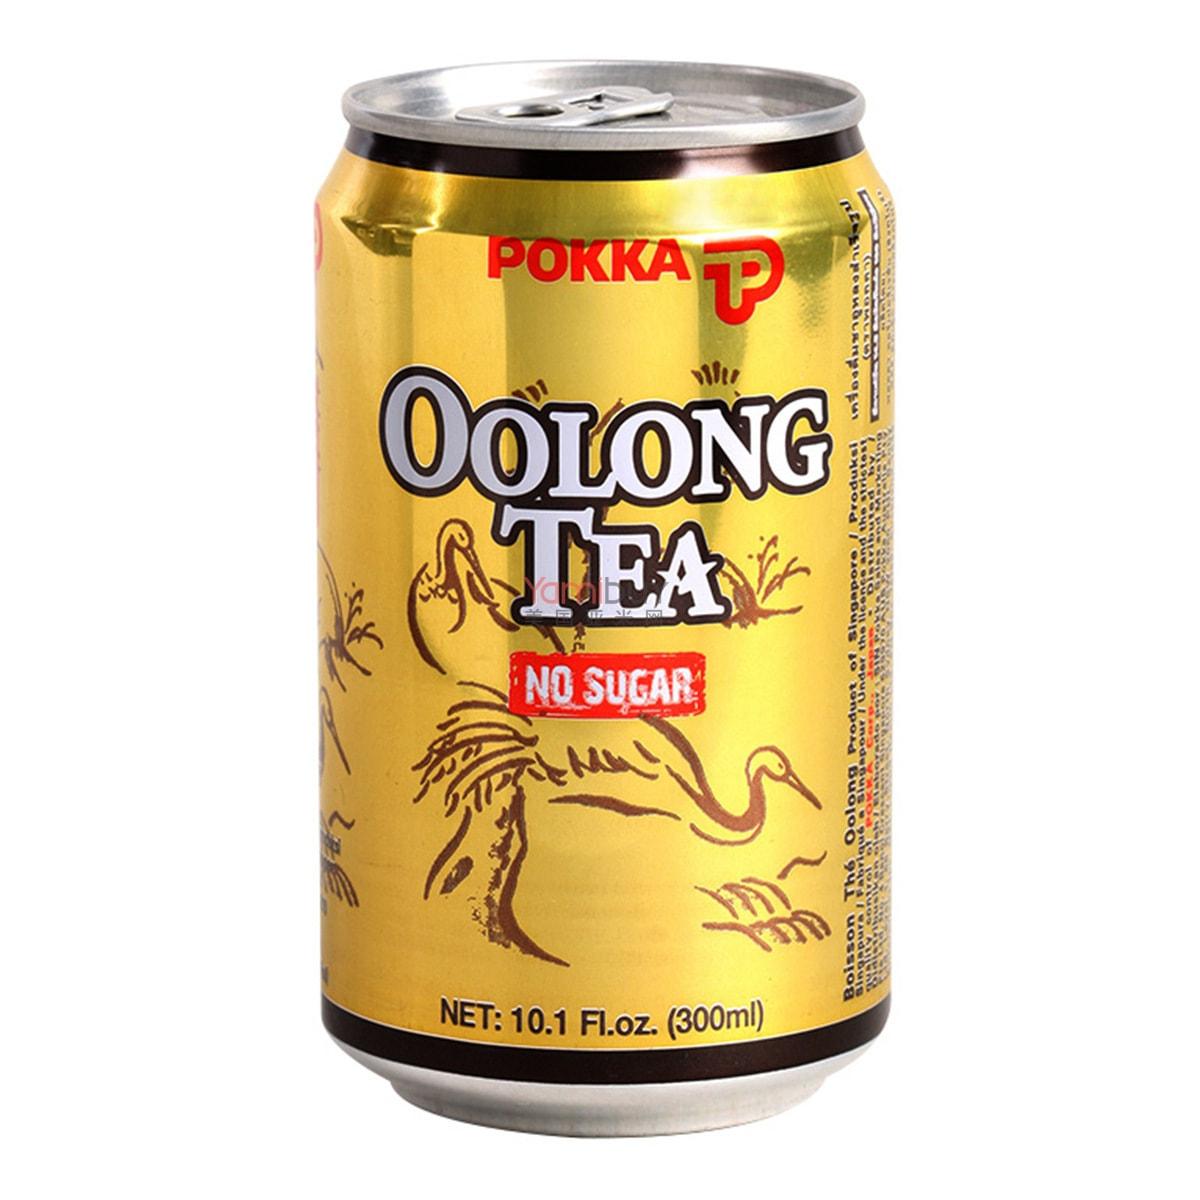 日本POKKA SAPPORO 无糖乌龙茶 罐装 300ml